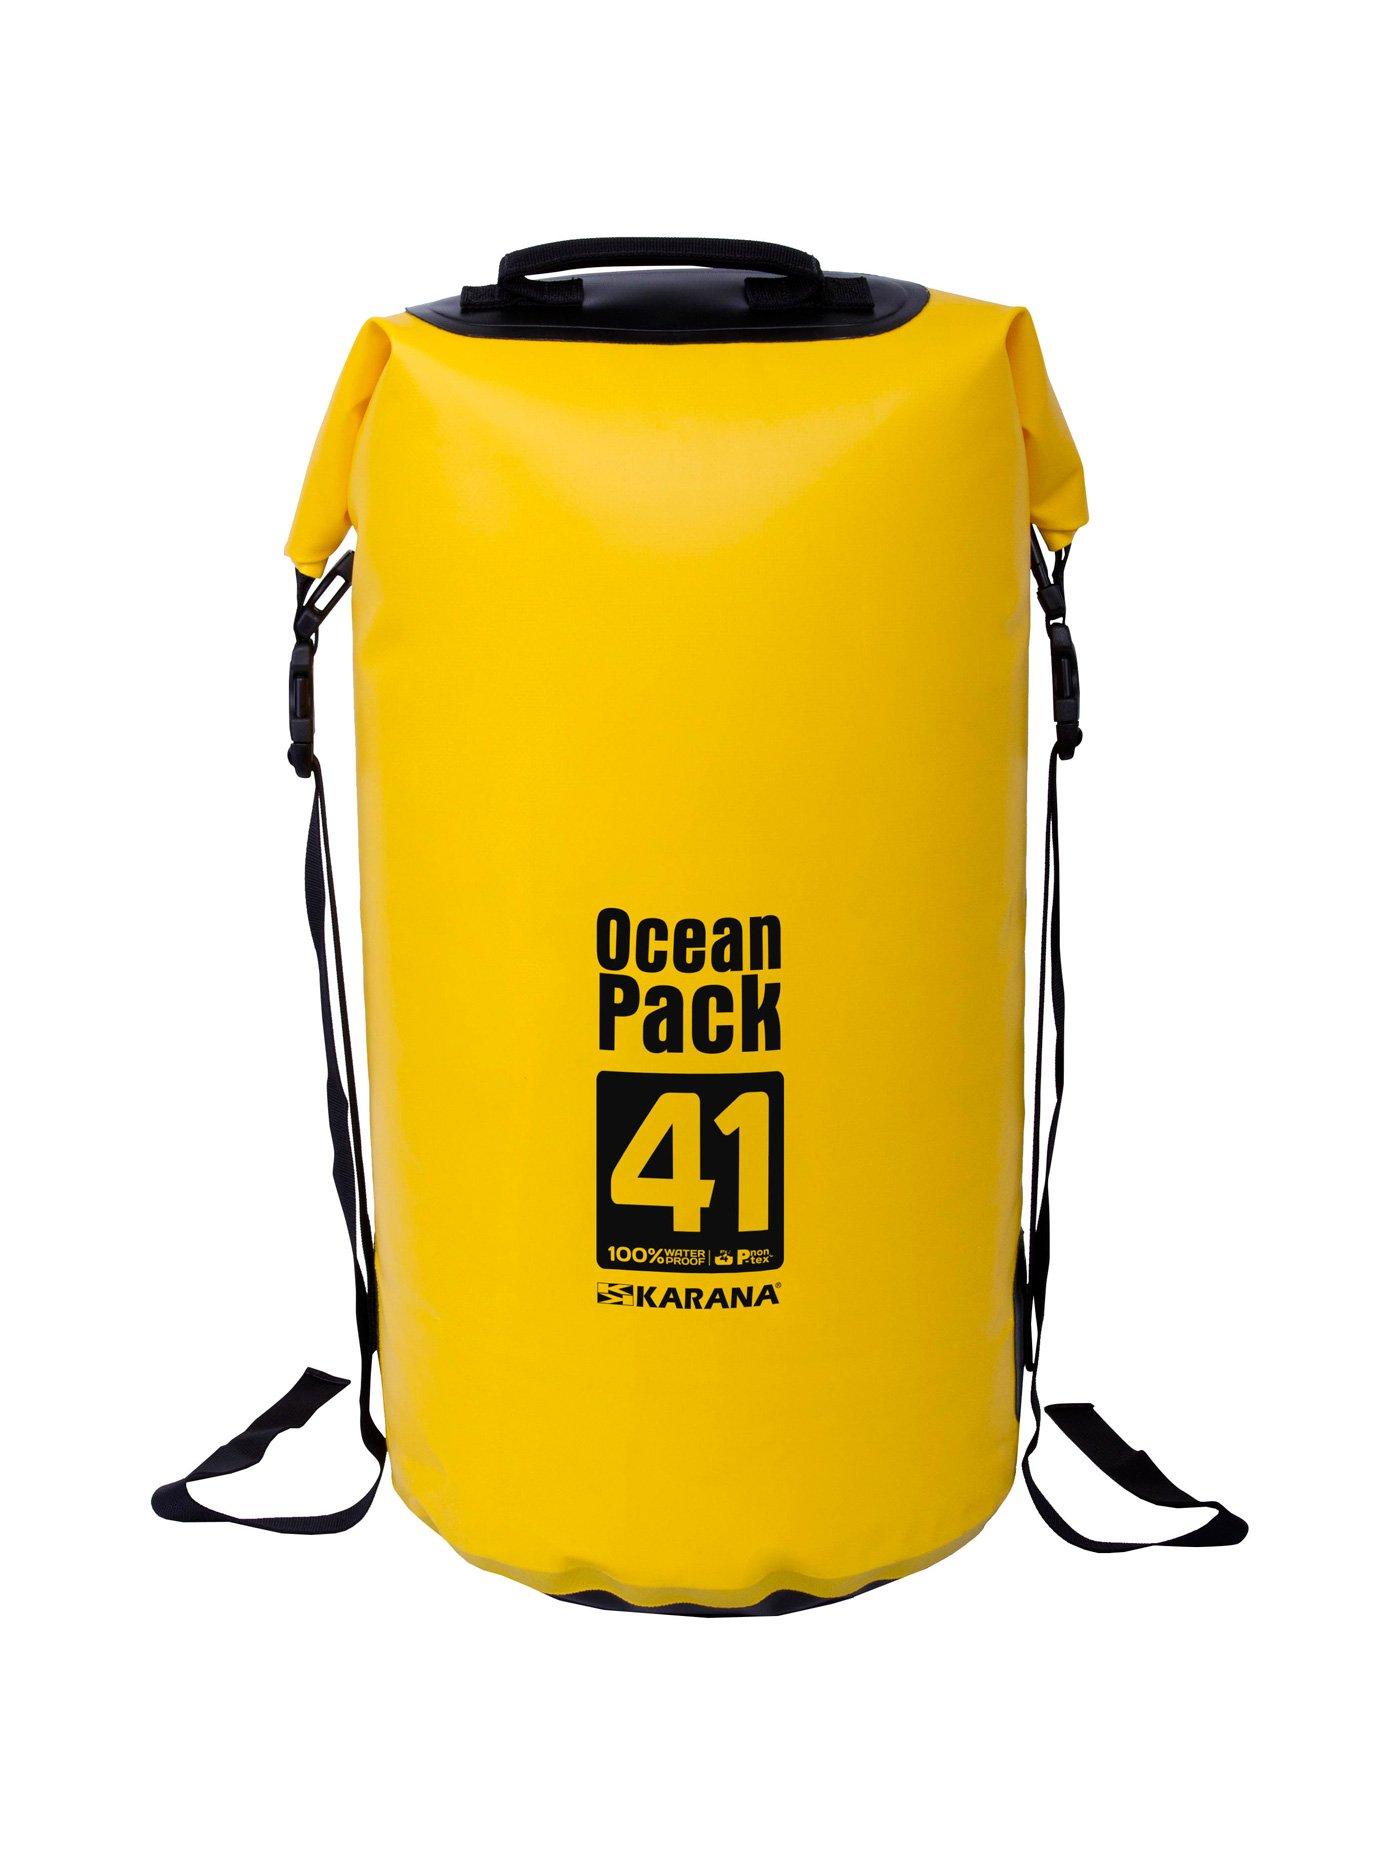 KARANA Ocean Pack Waterproof Dry Bag 41 Litres (112144741), Yellow Color 1 pcs.